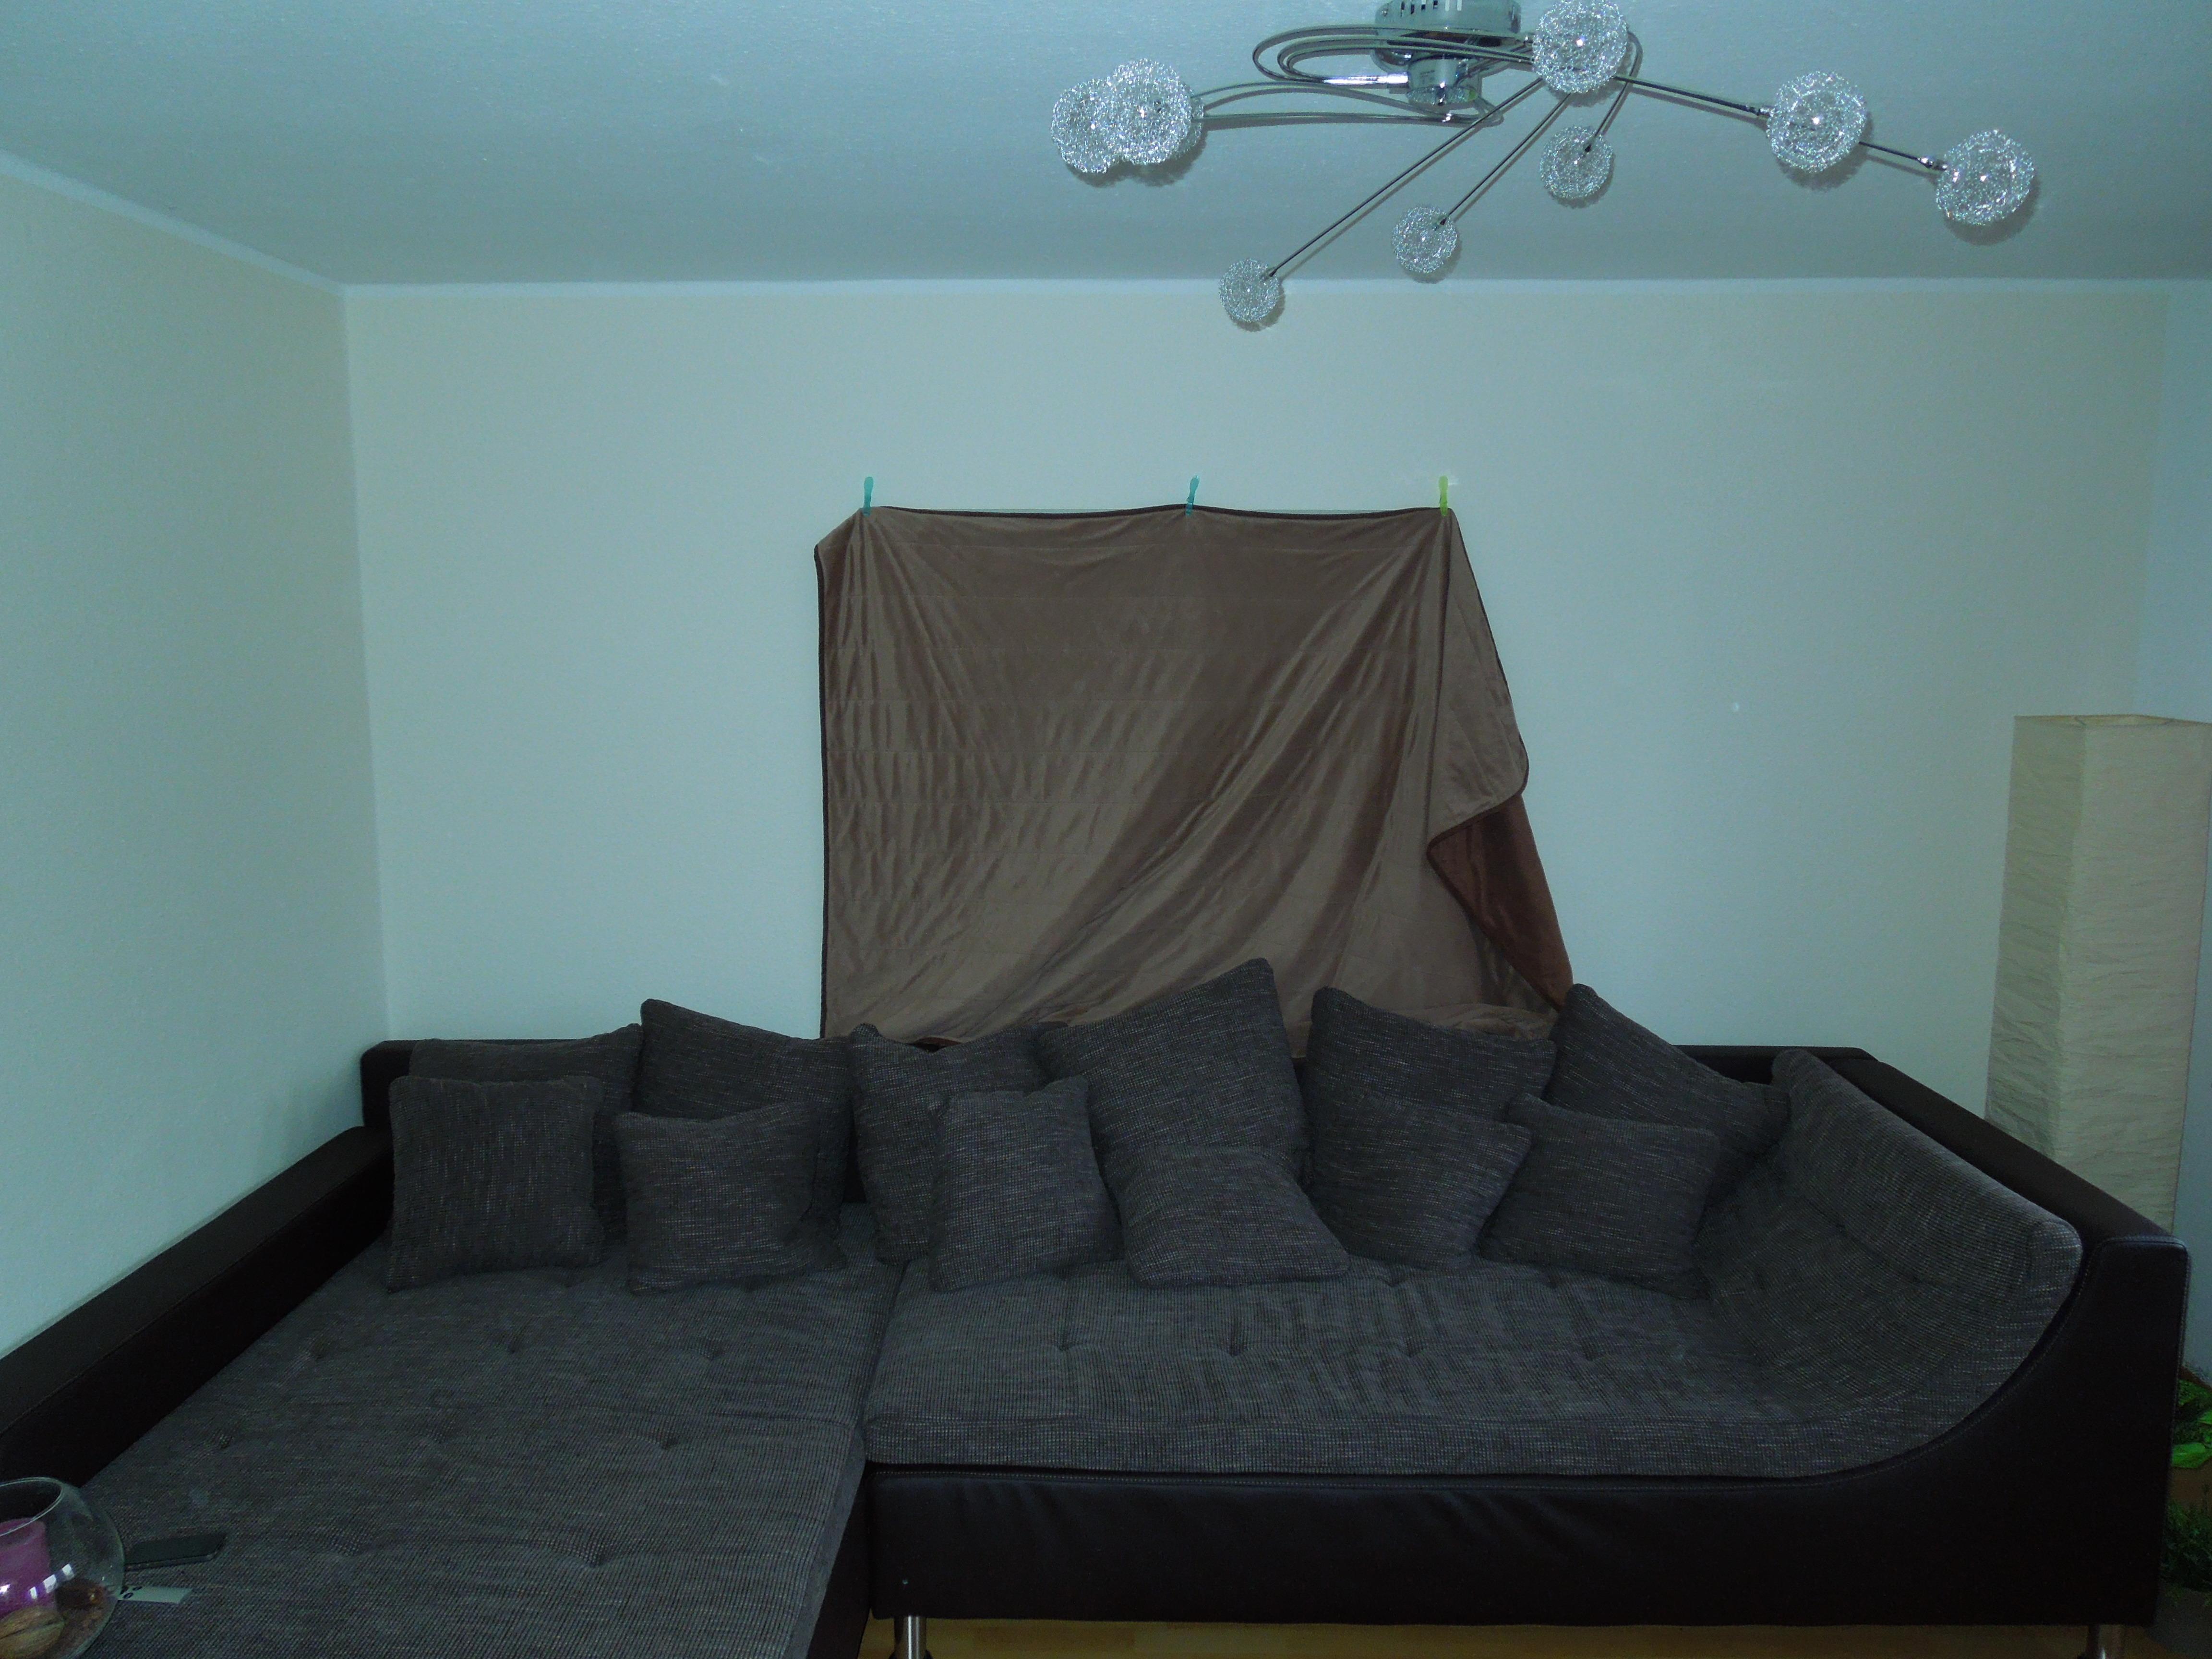 Raumakustische Maßnahmen Wohnzimmer